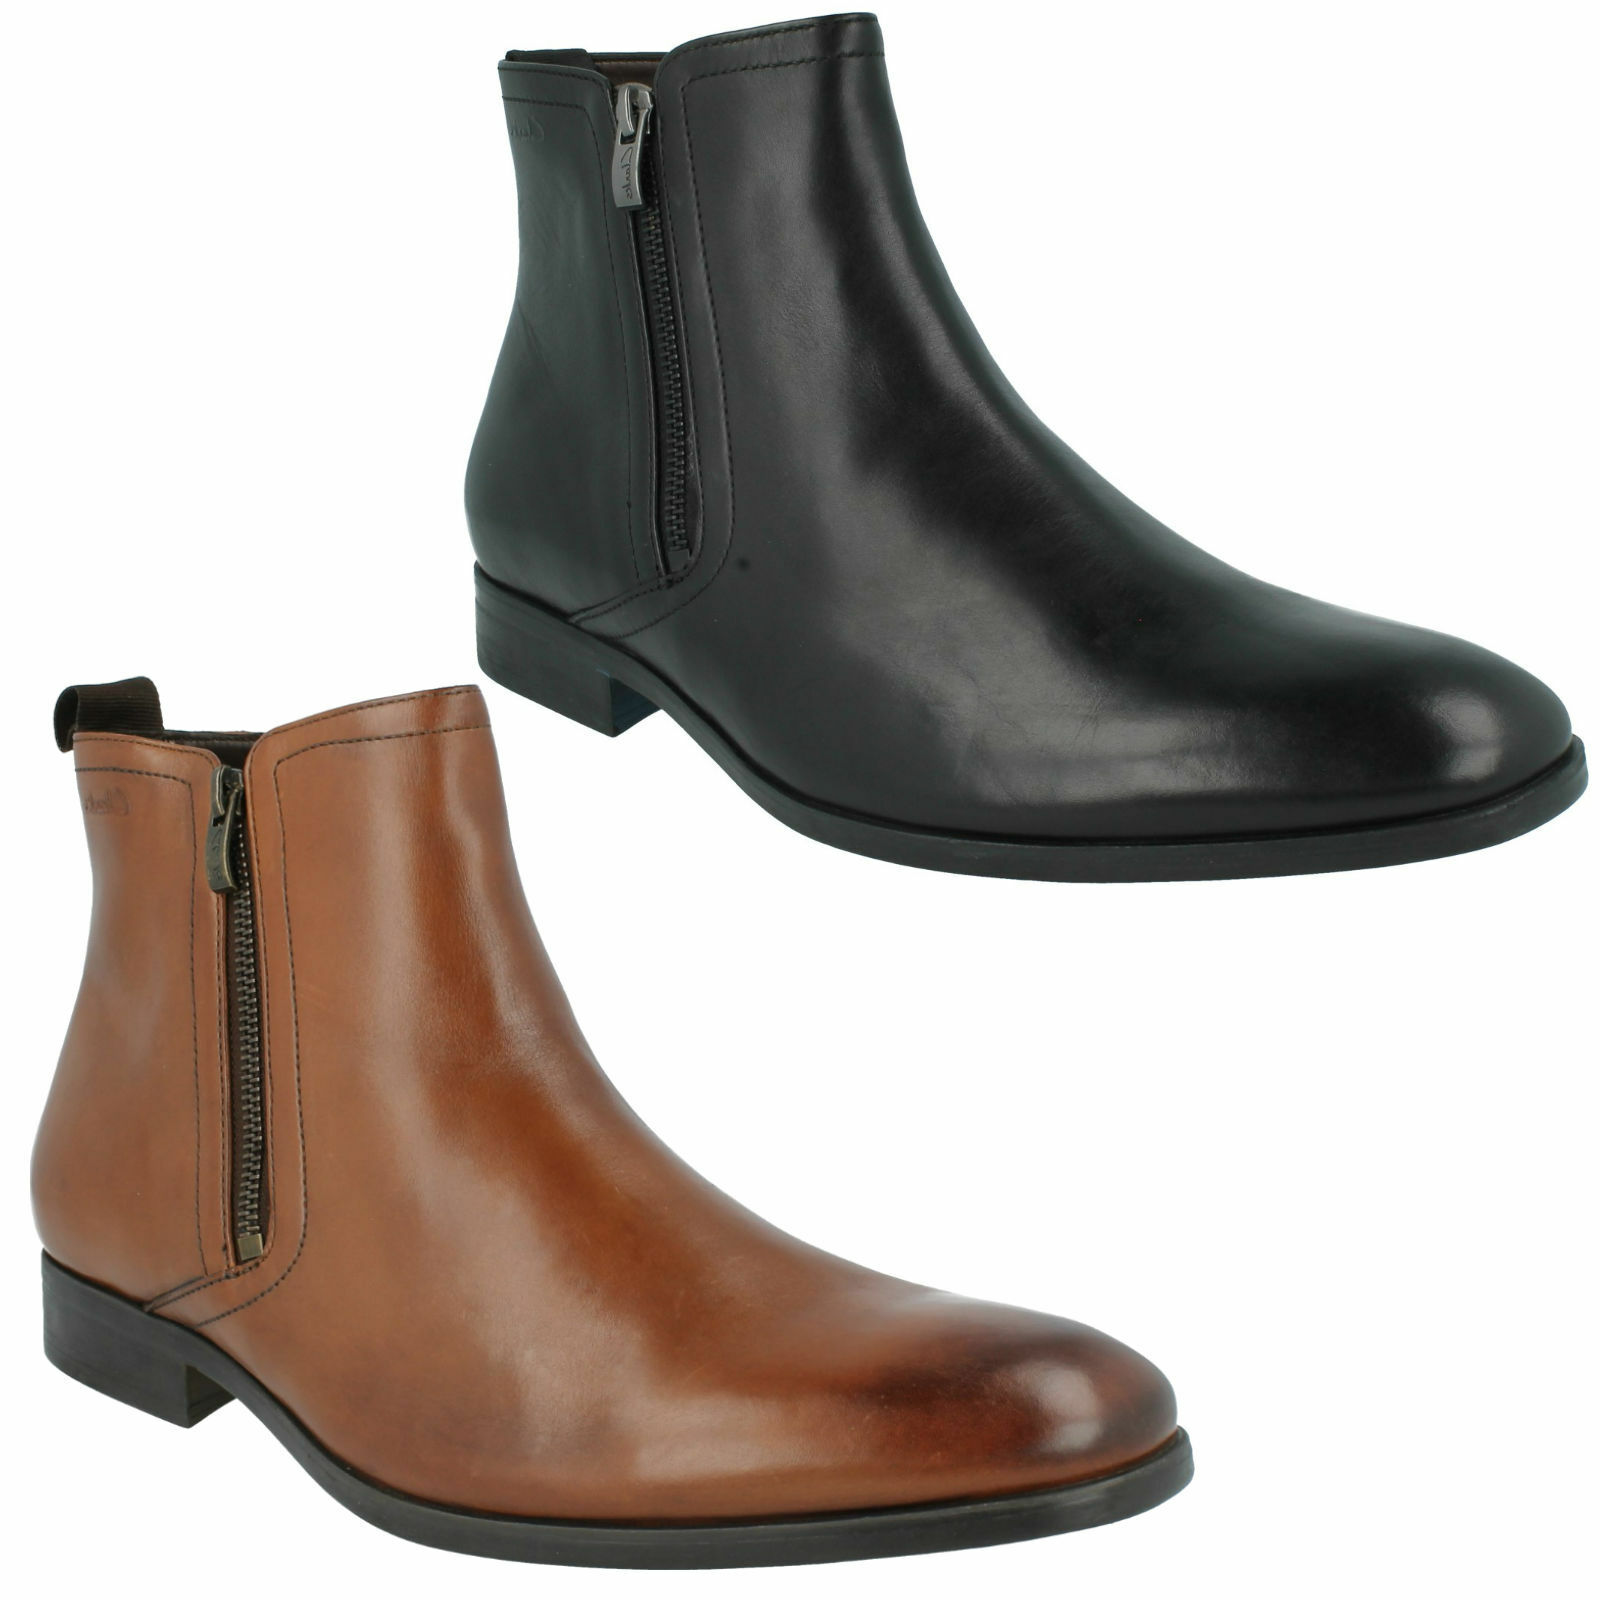 Da stivaletti Uomo Clarks Lacci Nero Tan Leather cerniera stivaletti Da casual con zip Banfield f4c347